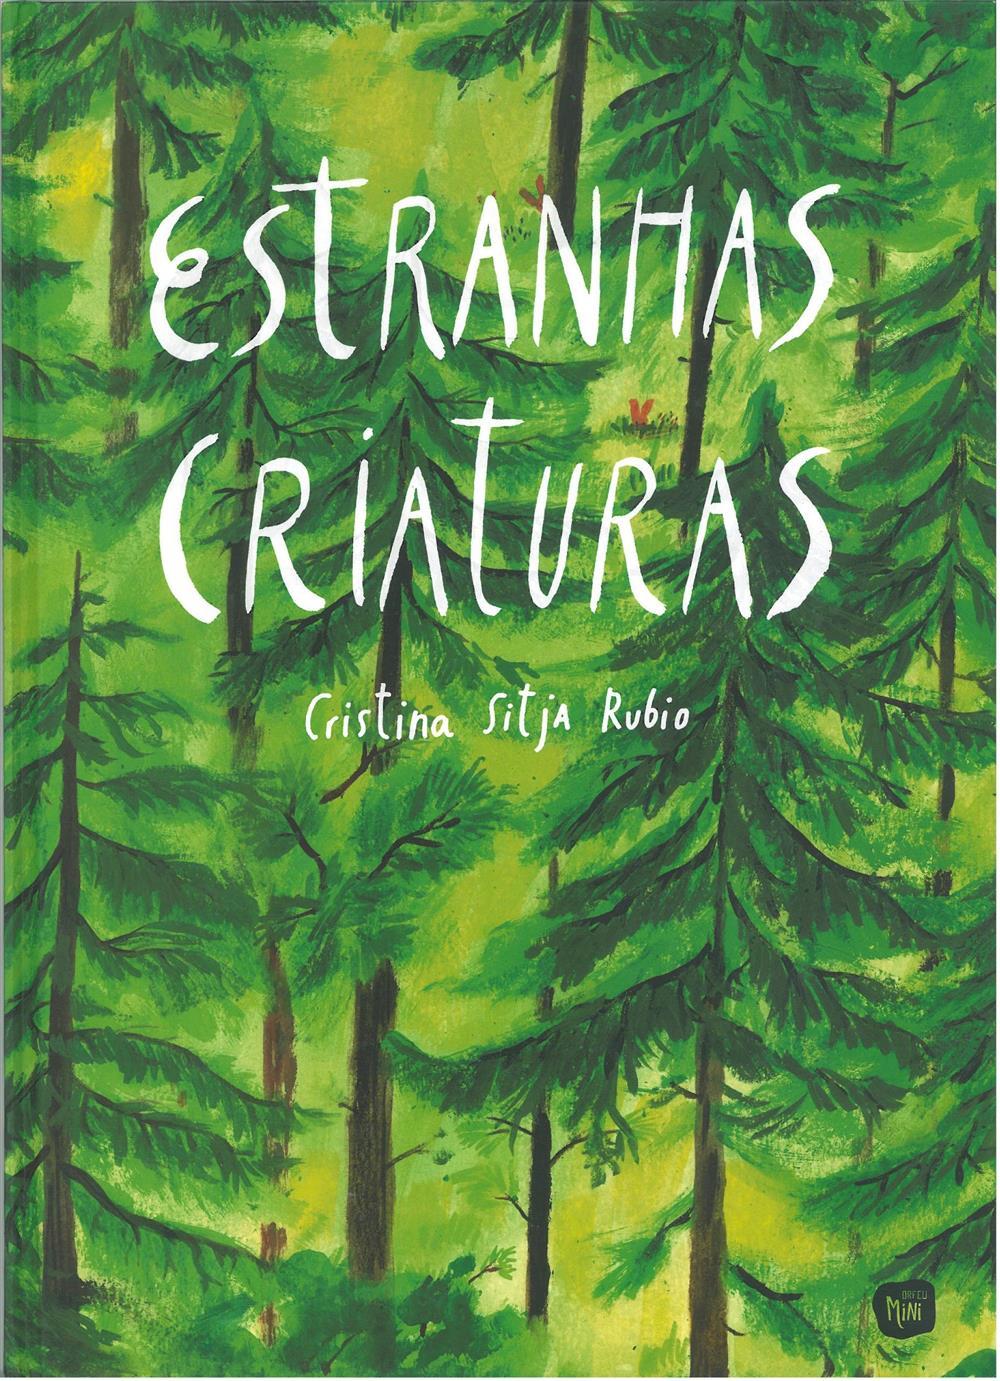 Estranhas criaturas_.jpg